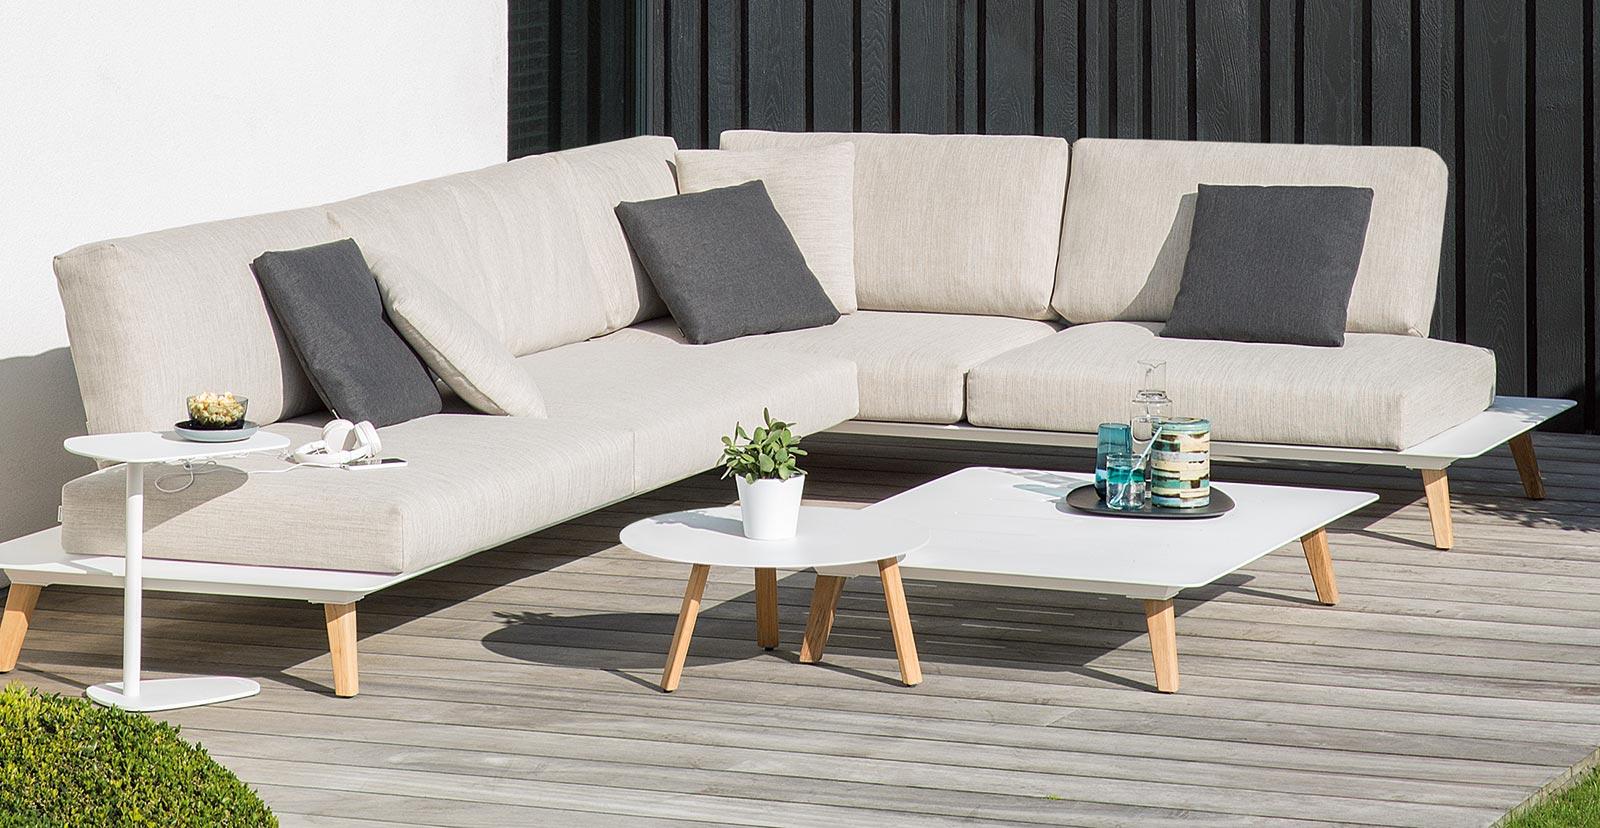 lounge link gartenm bel kassel. Black Bedroom Furniture Sets. Home Design Ideas